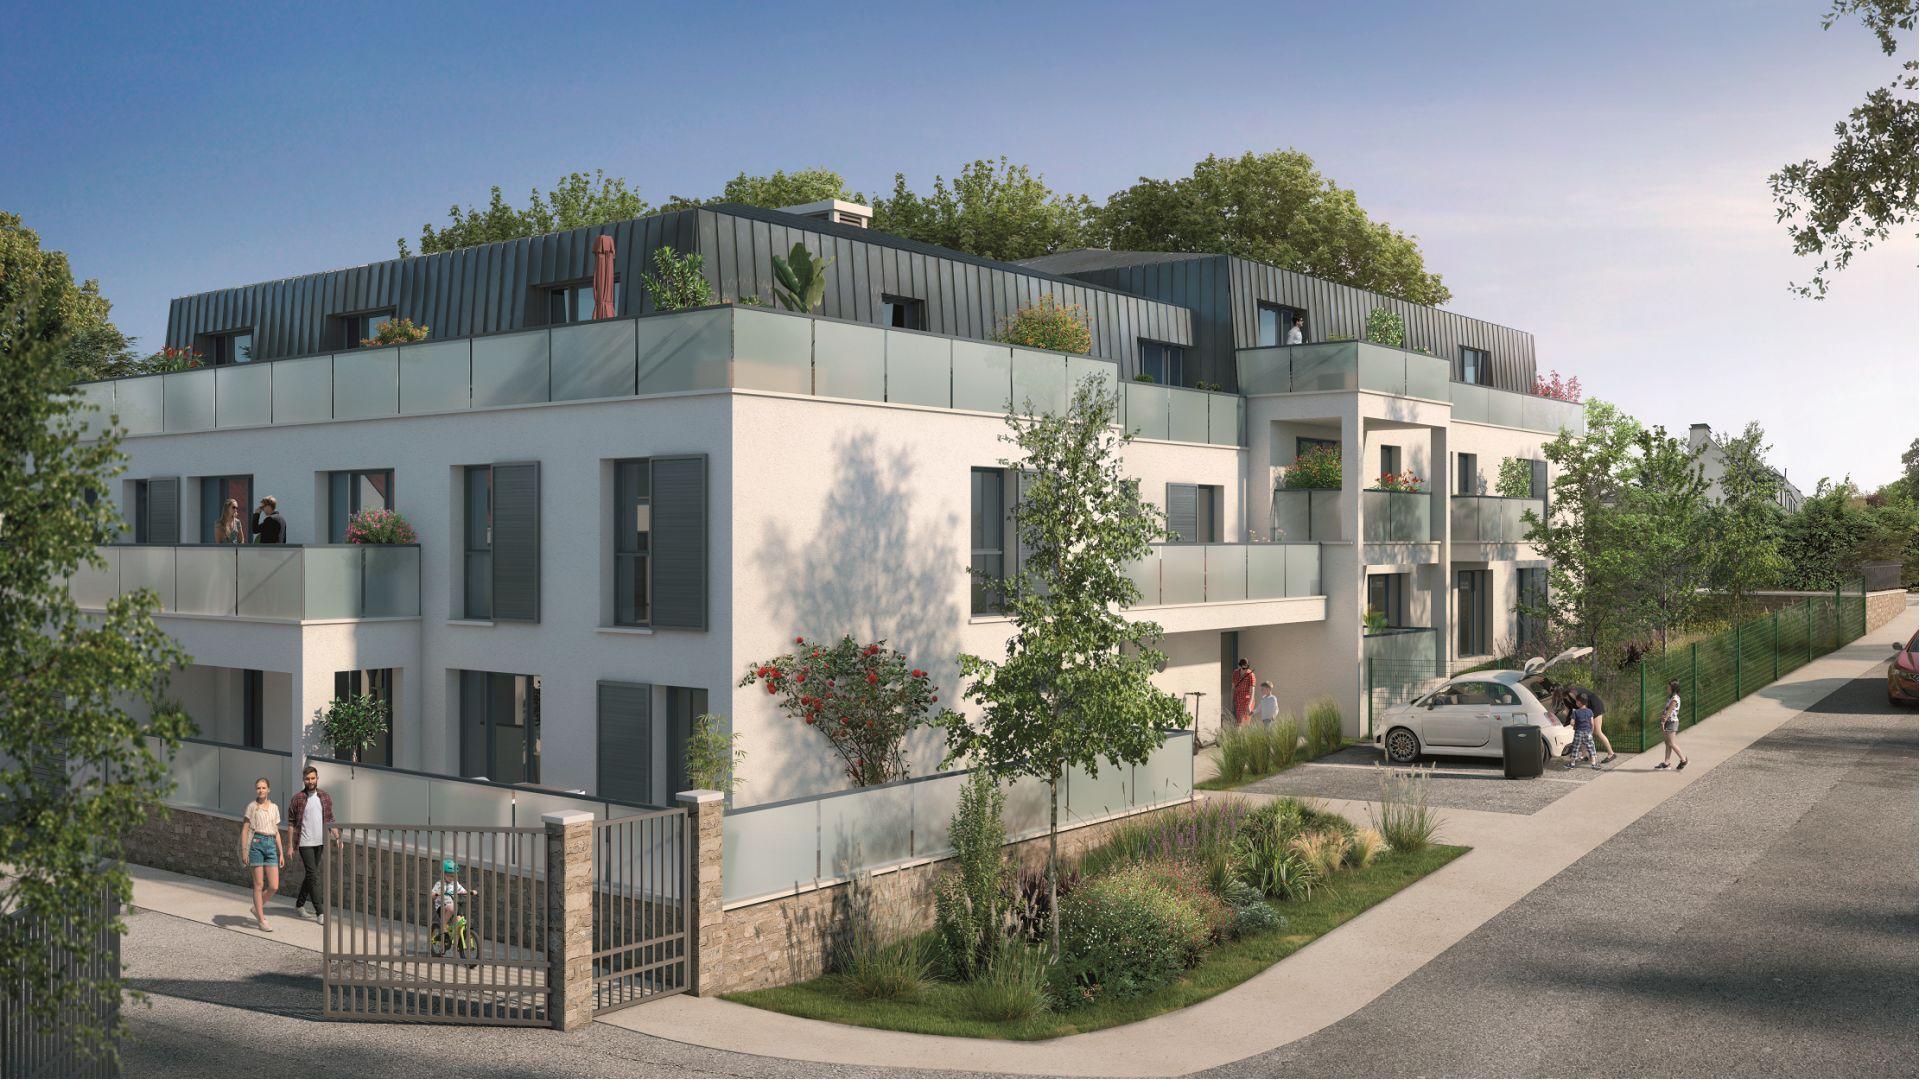 Greencity Immobilier - Le Stendhal - Cesson 77240 - achat appartements du T1 au T4 - Villa T4 et T5